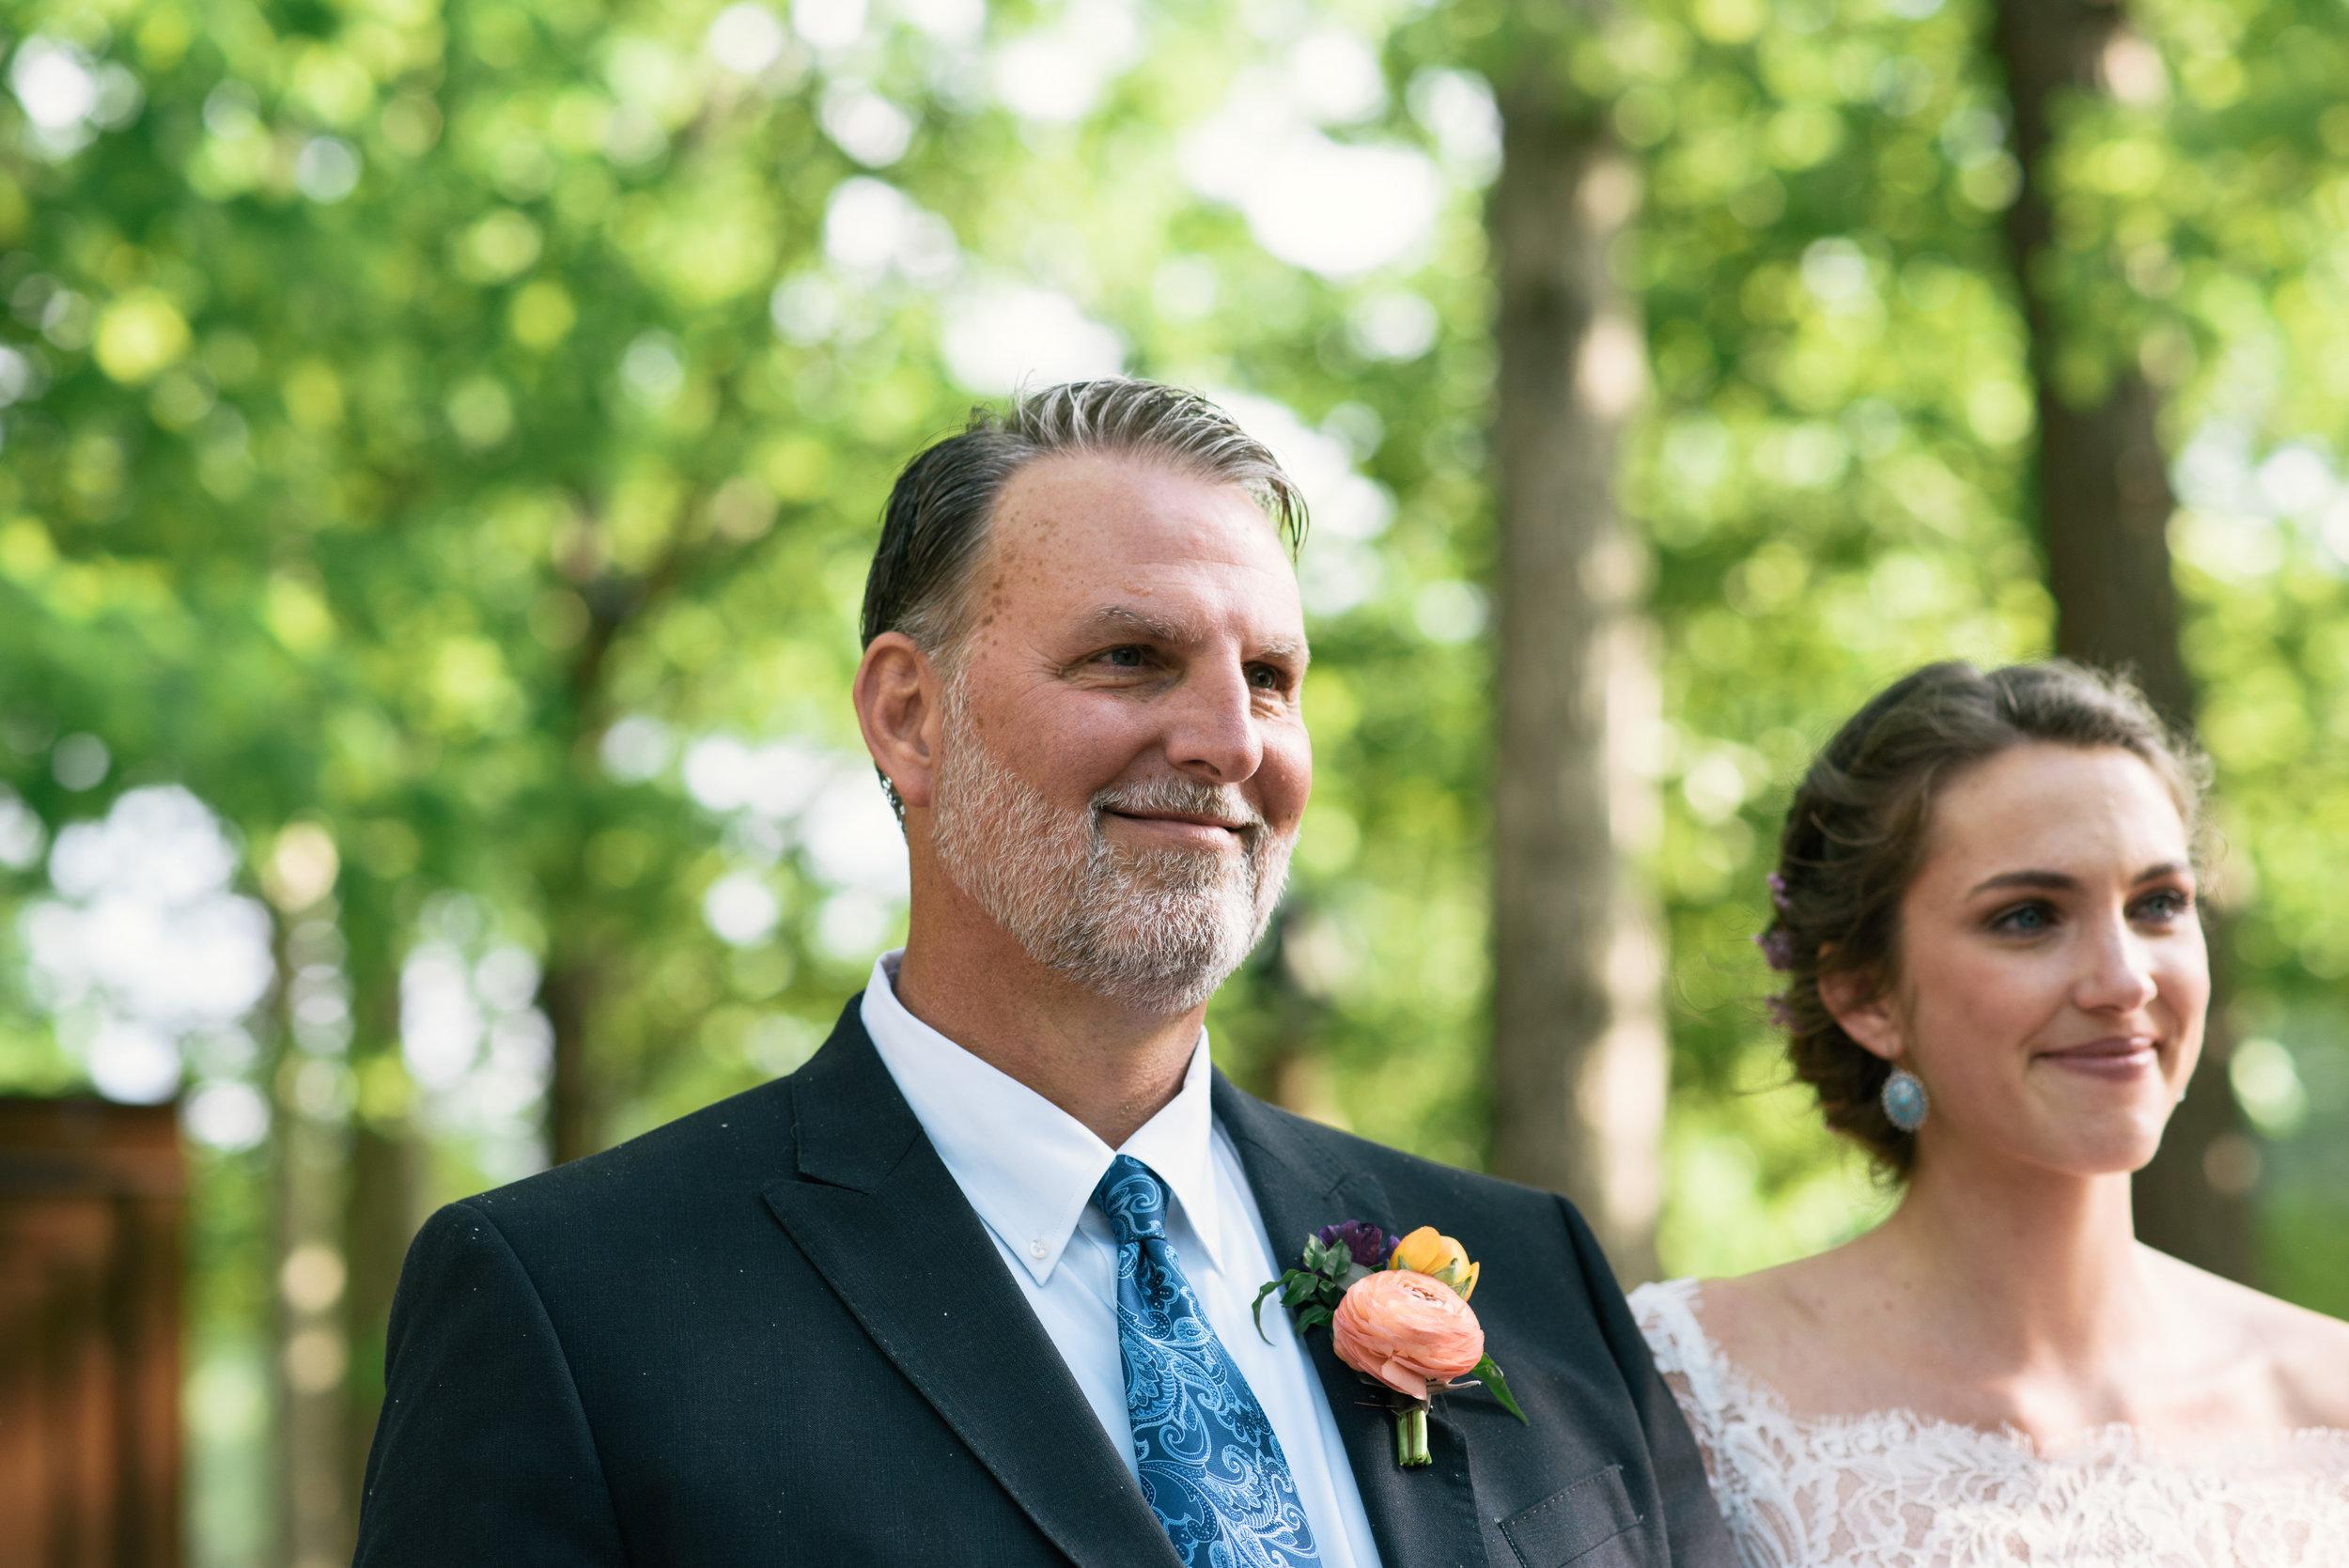 raleigh-elopement-photographer-raleigh-durham-wedding-maddie-and-devin- (96 of 162).jpg